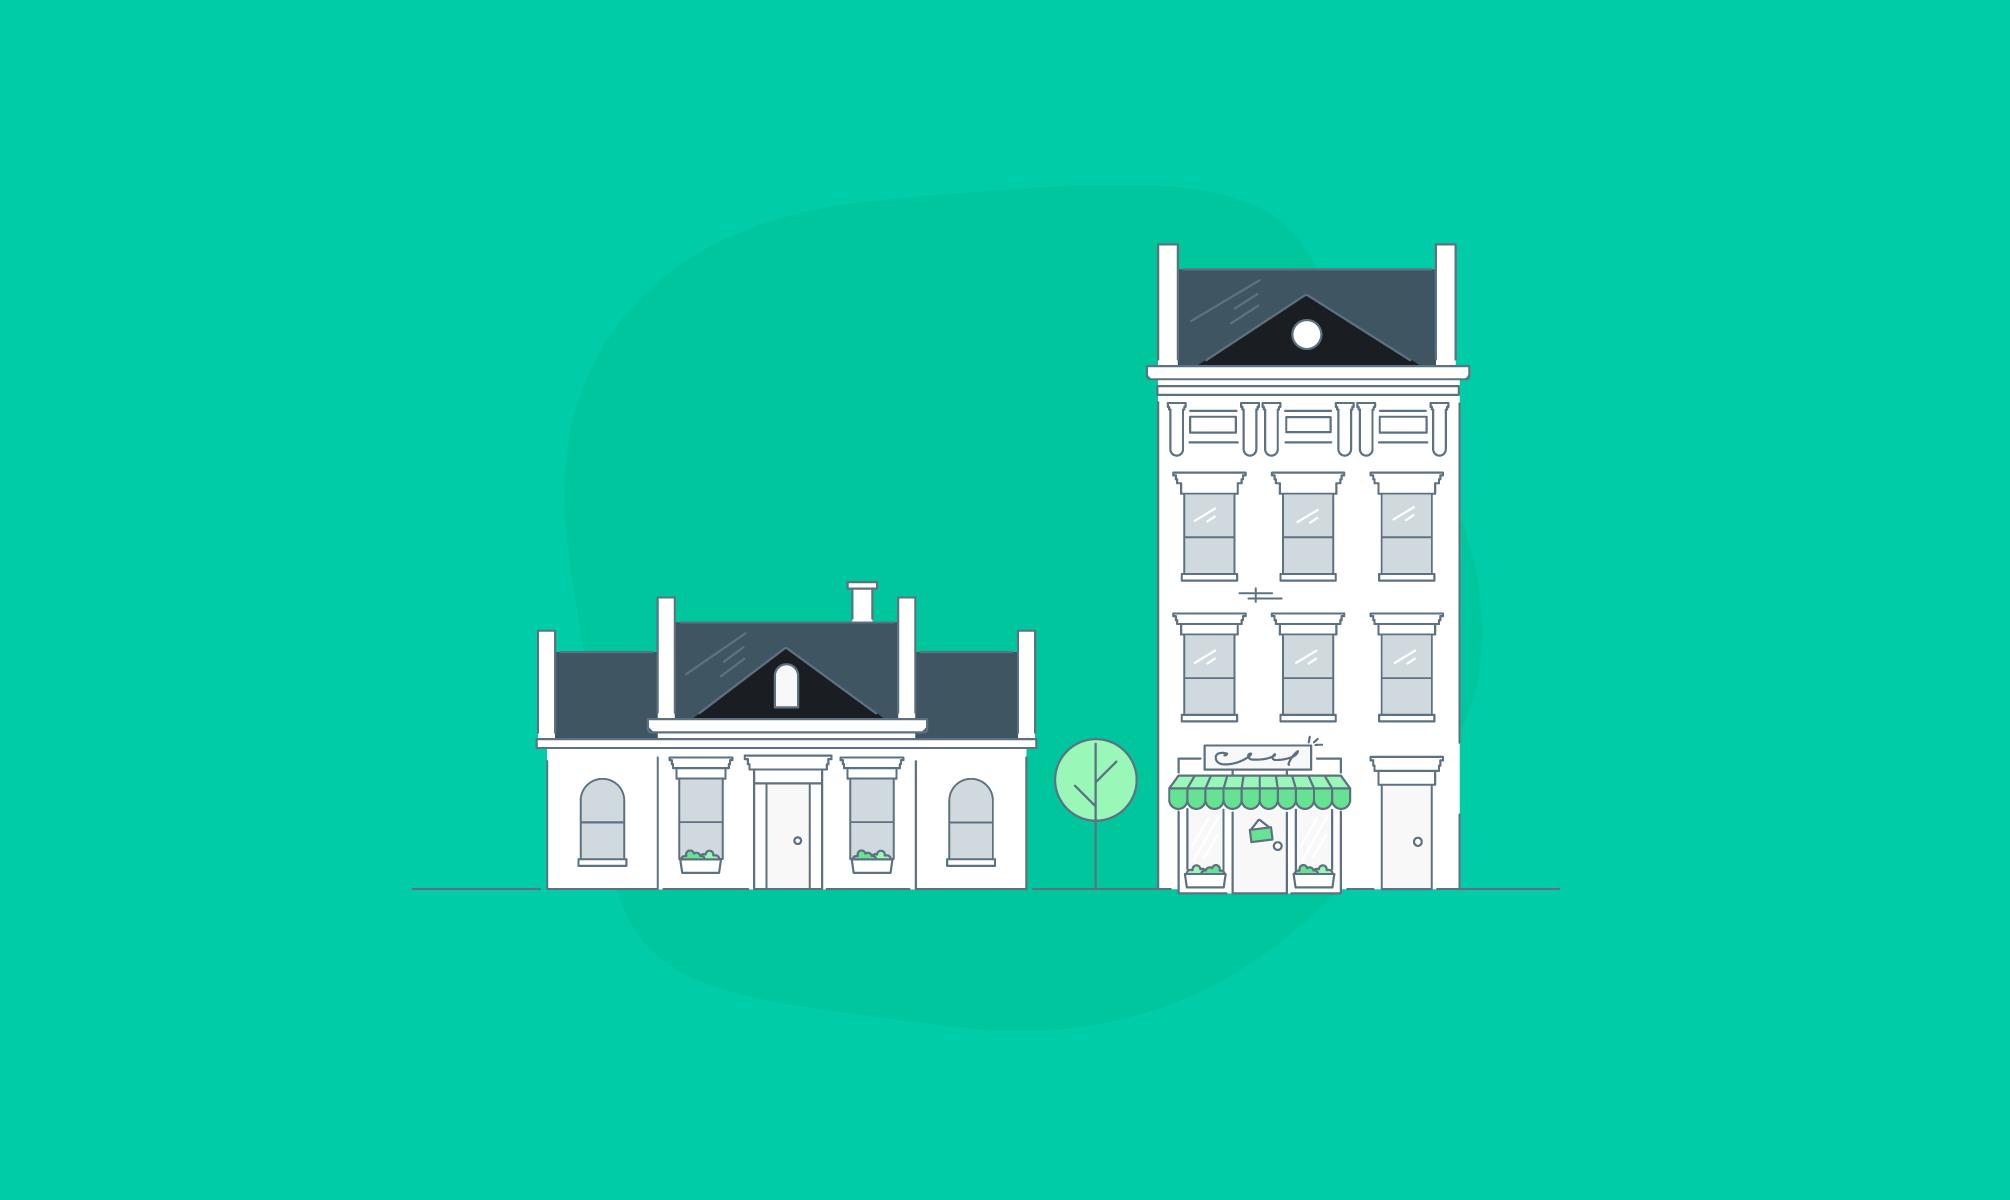 Reabilitação urbana: dicas essenciais para investir com mais segurança.